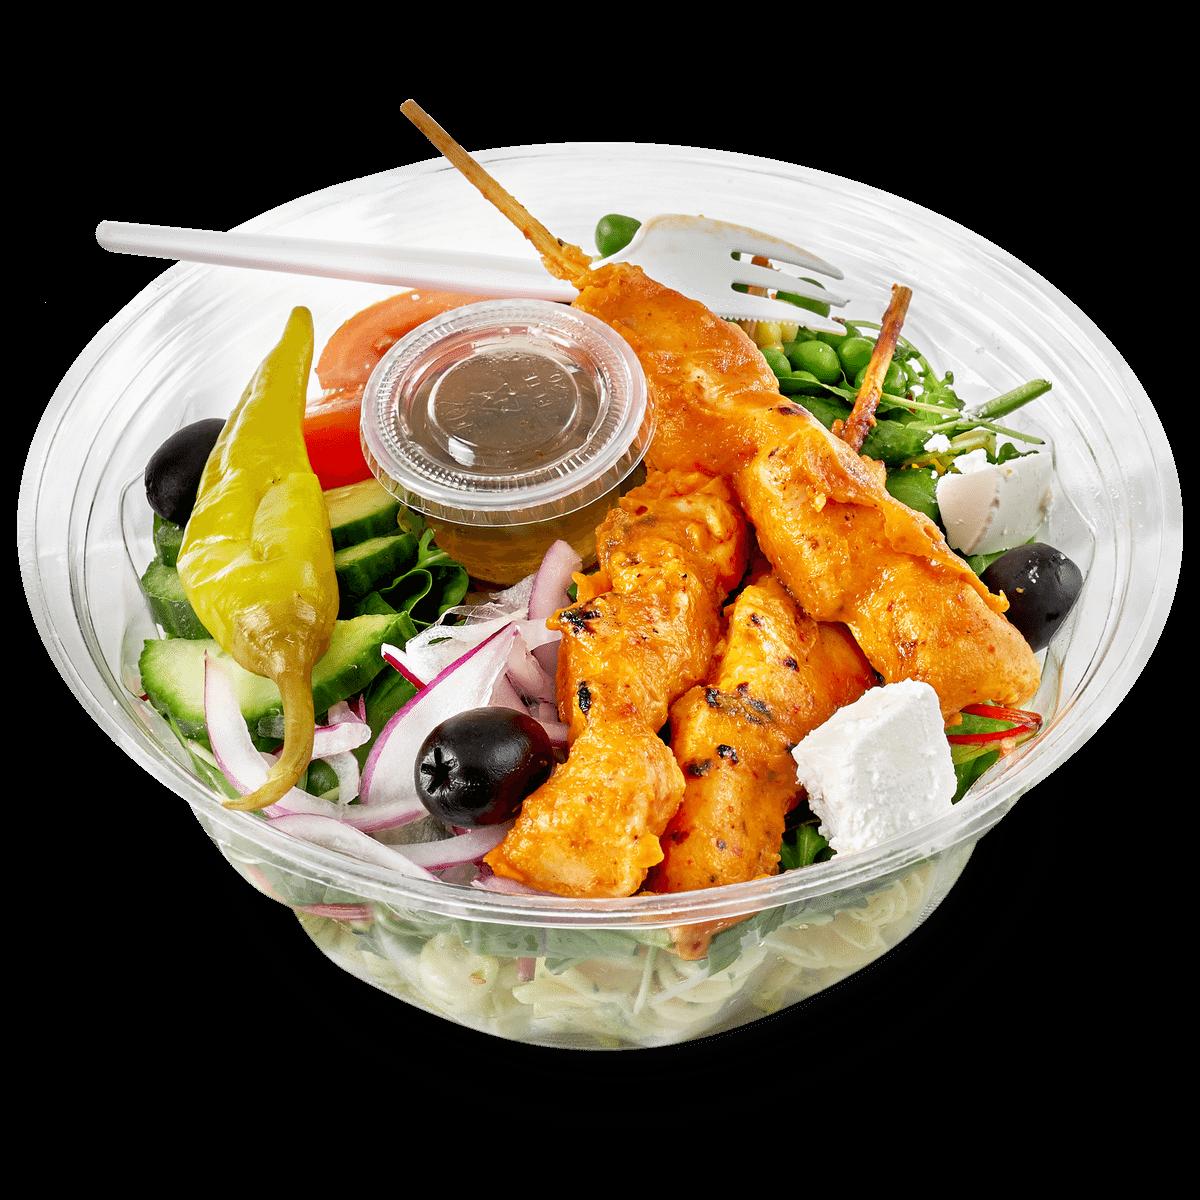 sallader-kyckling-spett-sallad-01